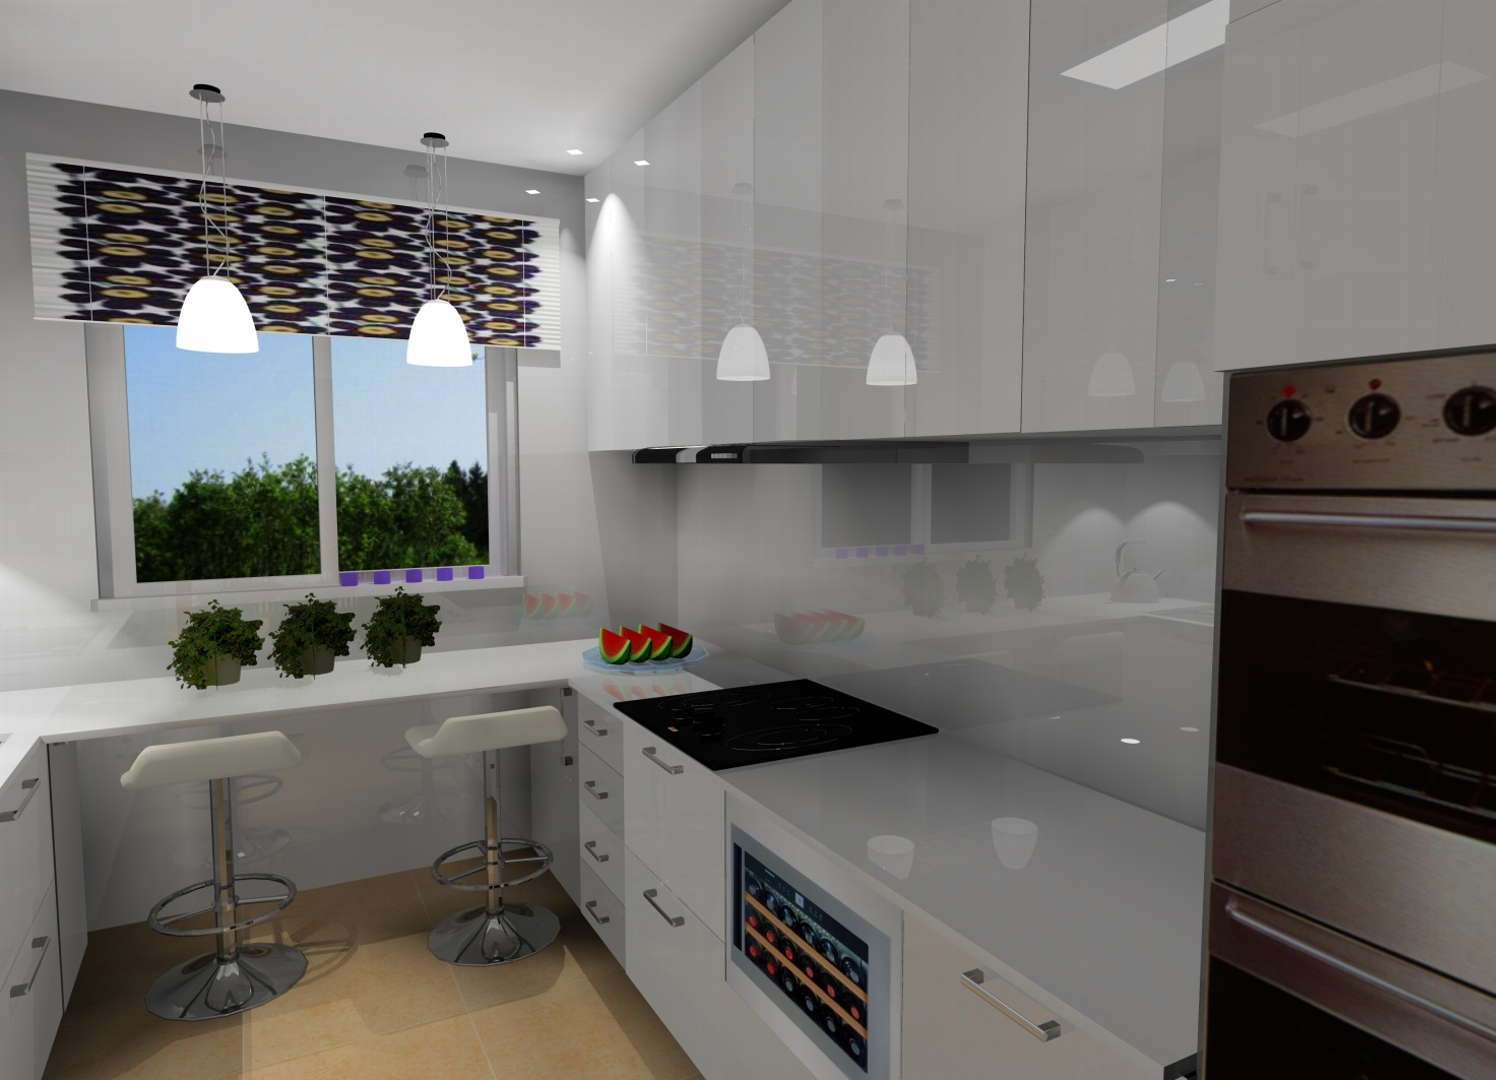 Sisustus  keittiö  Moderni  53b07063498eab03812d8efc  sisustus etuovi com